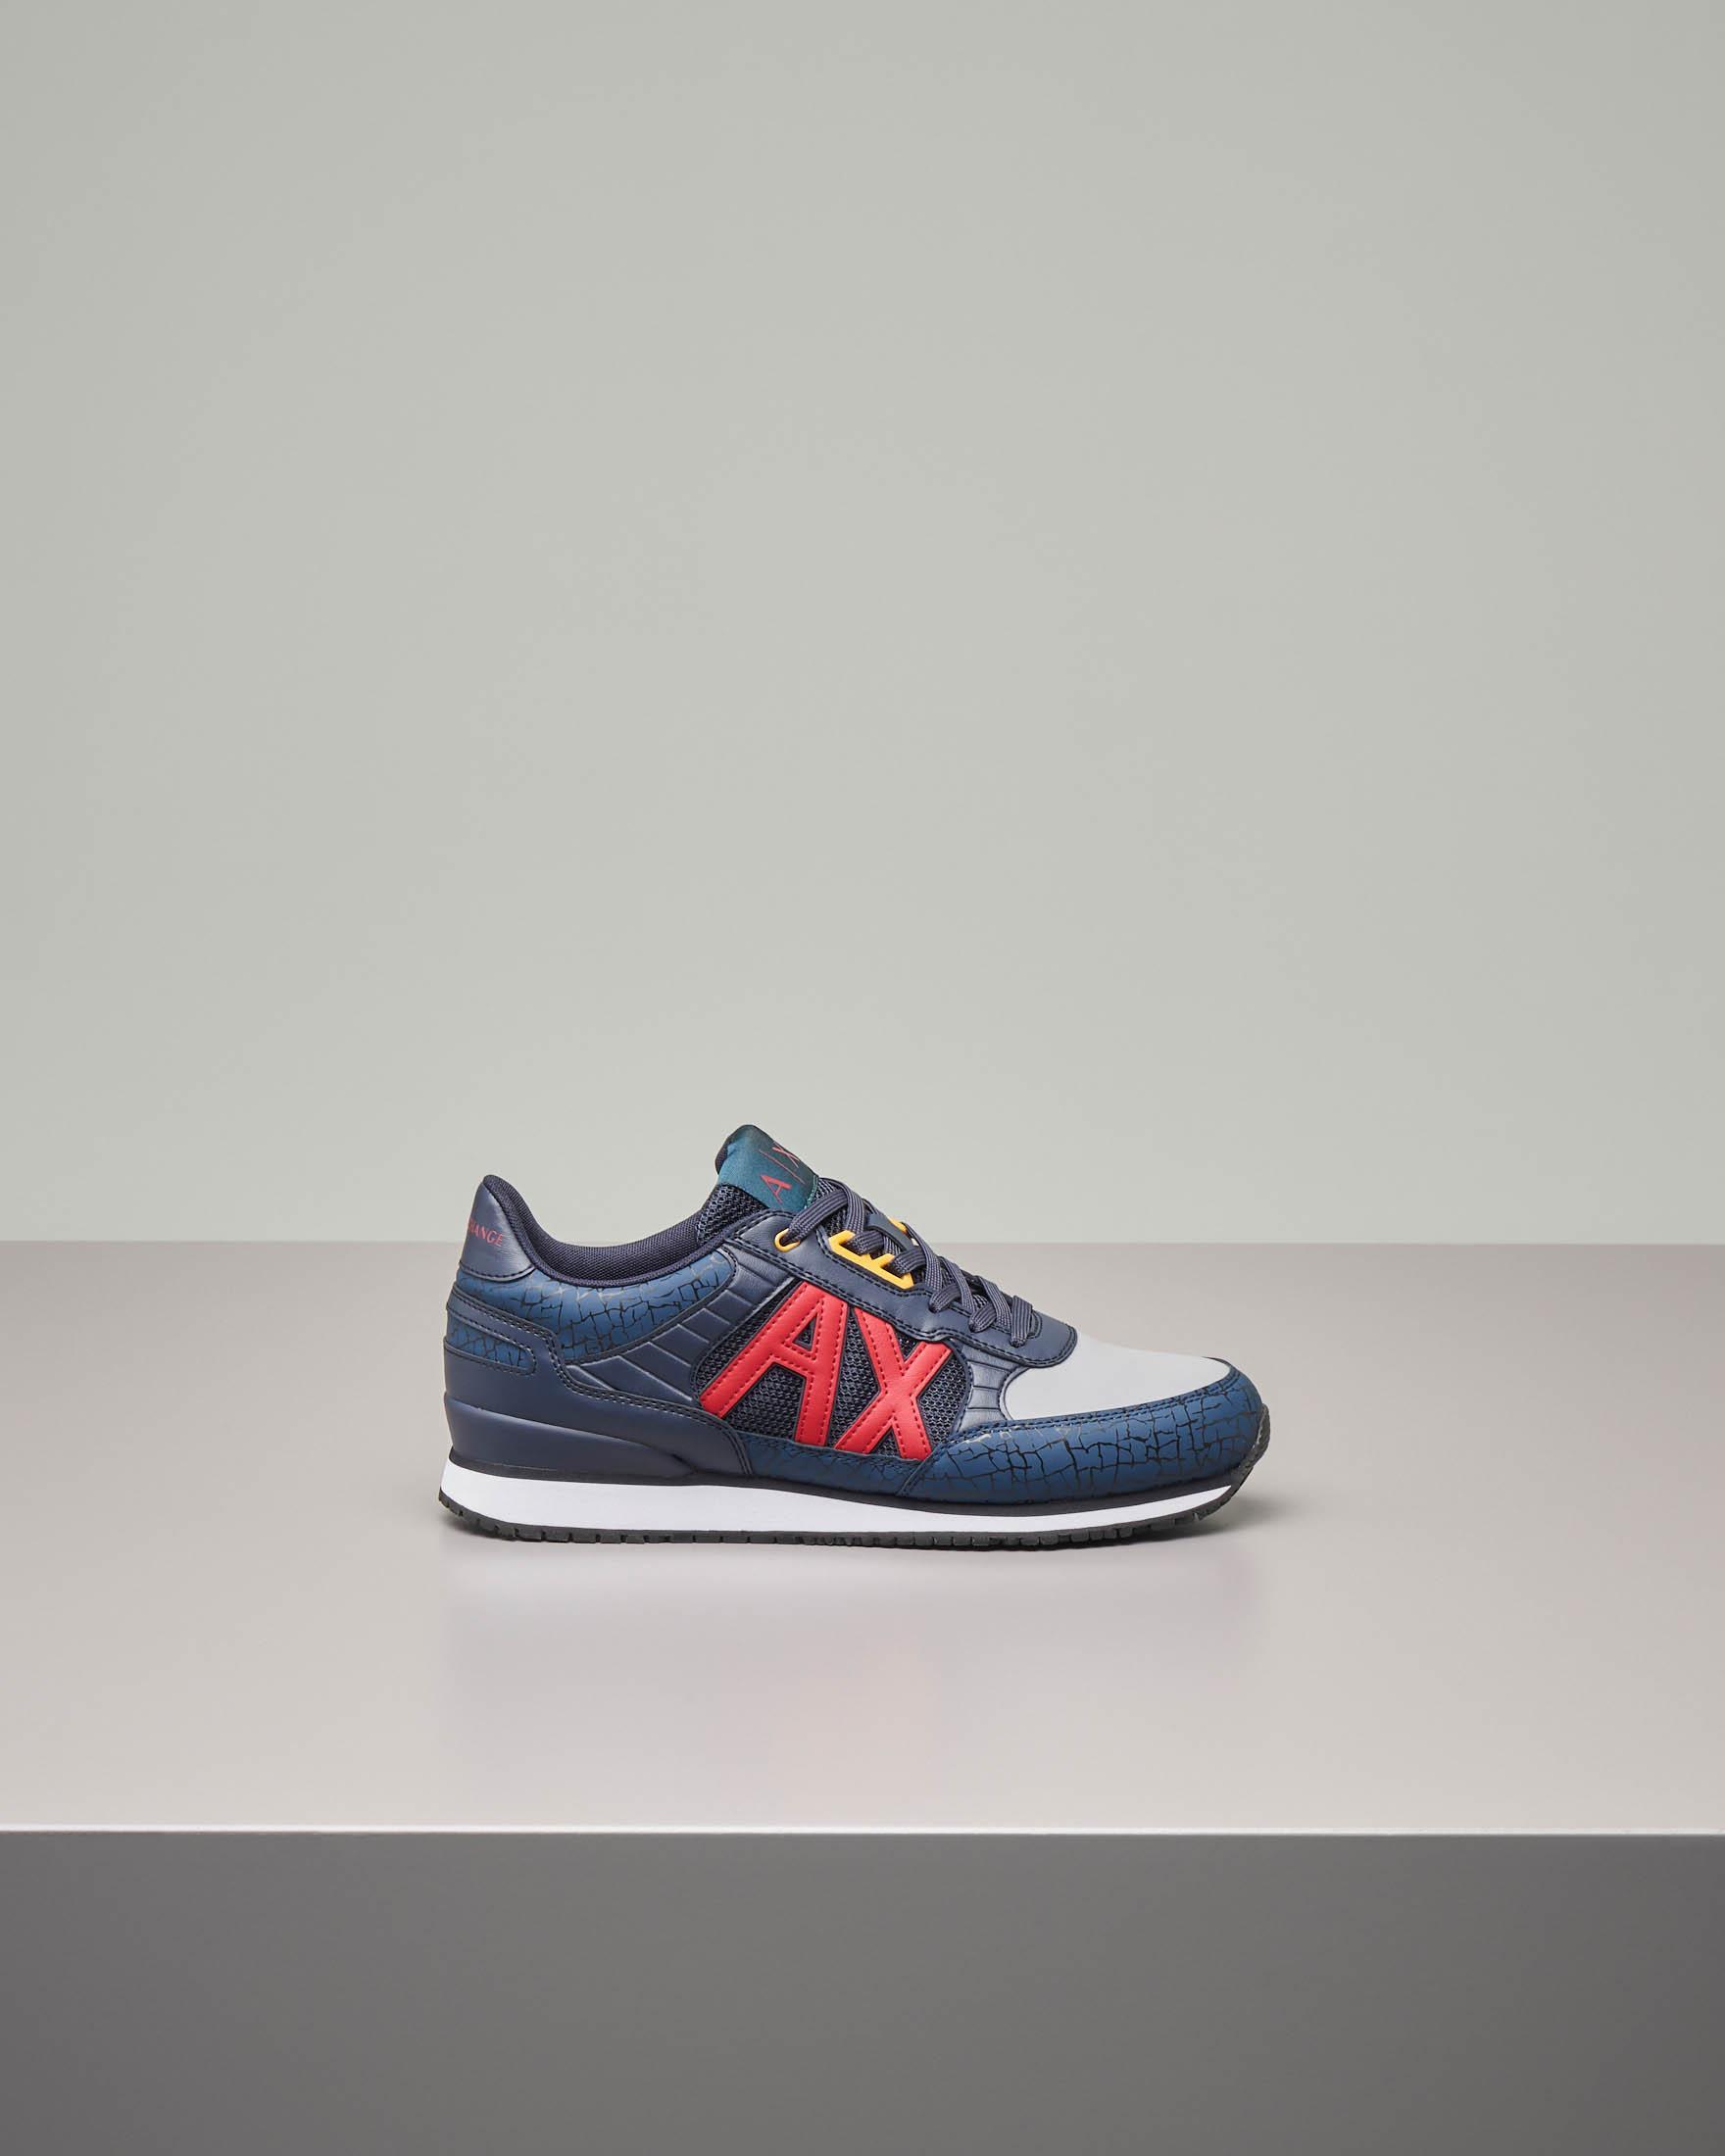 Sneakers blu in ecopelle e mesh con logo AX rosso